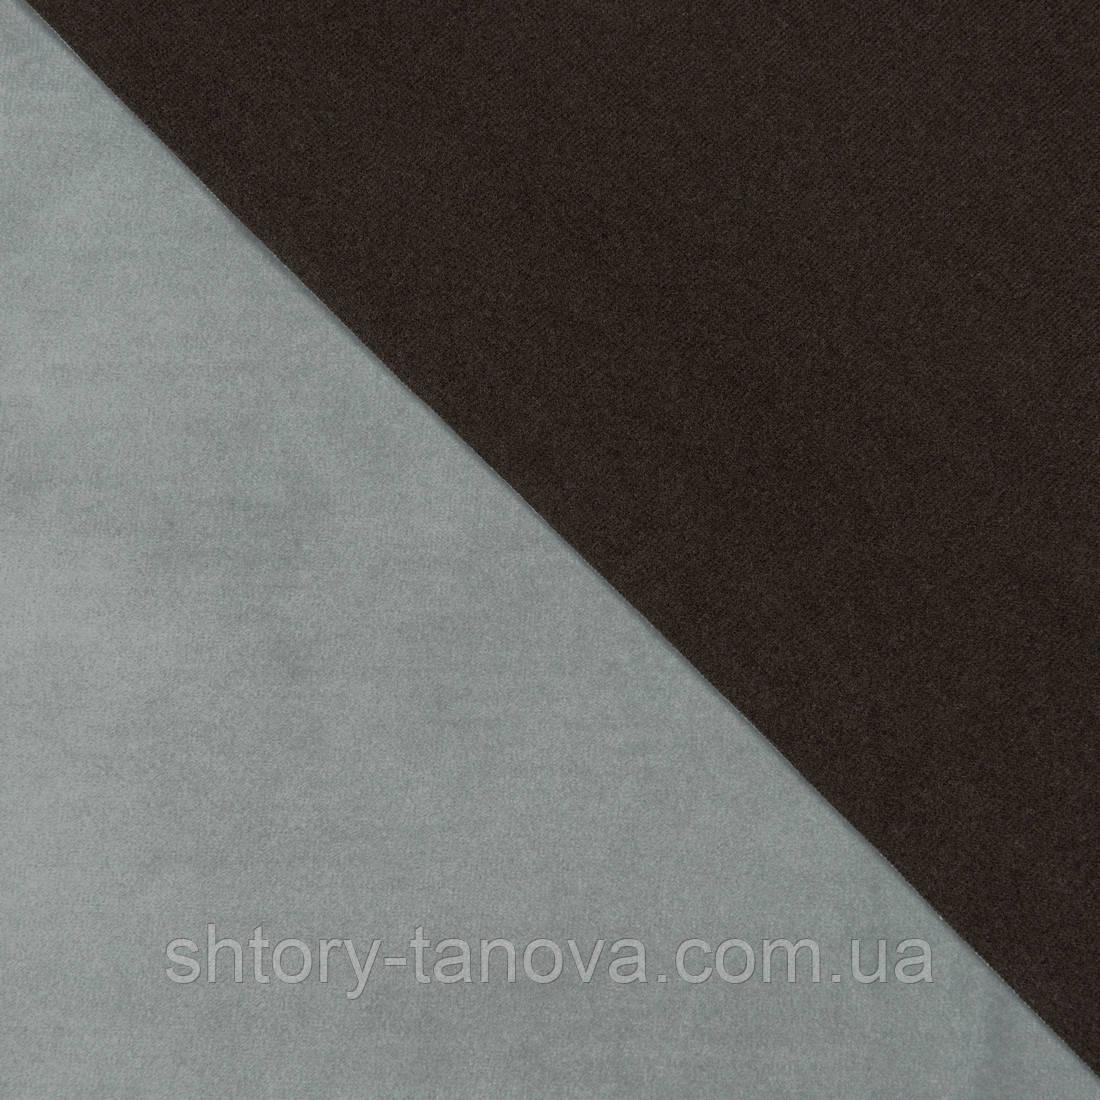 Декоративная ткань велюта св.серый